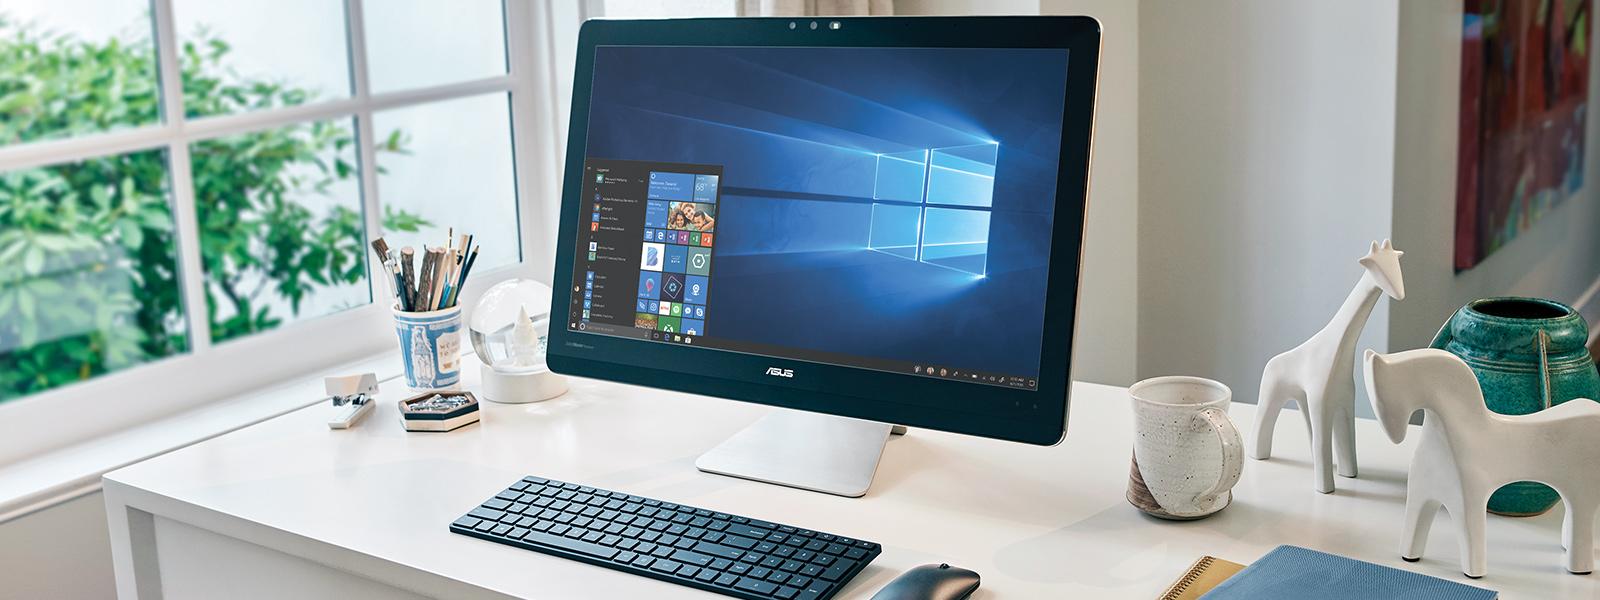 Ένας επιτραπέζιος υπολογιστής ASUS πάνω σε ένα γραφείο με ασύρματο ποντίκι και πληκτρολόγιο